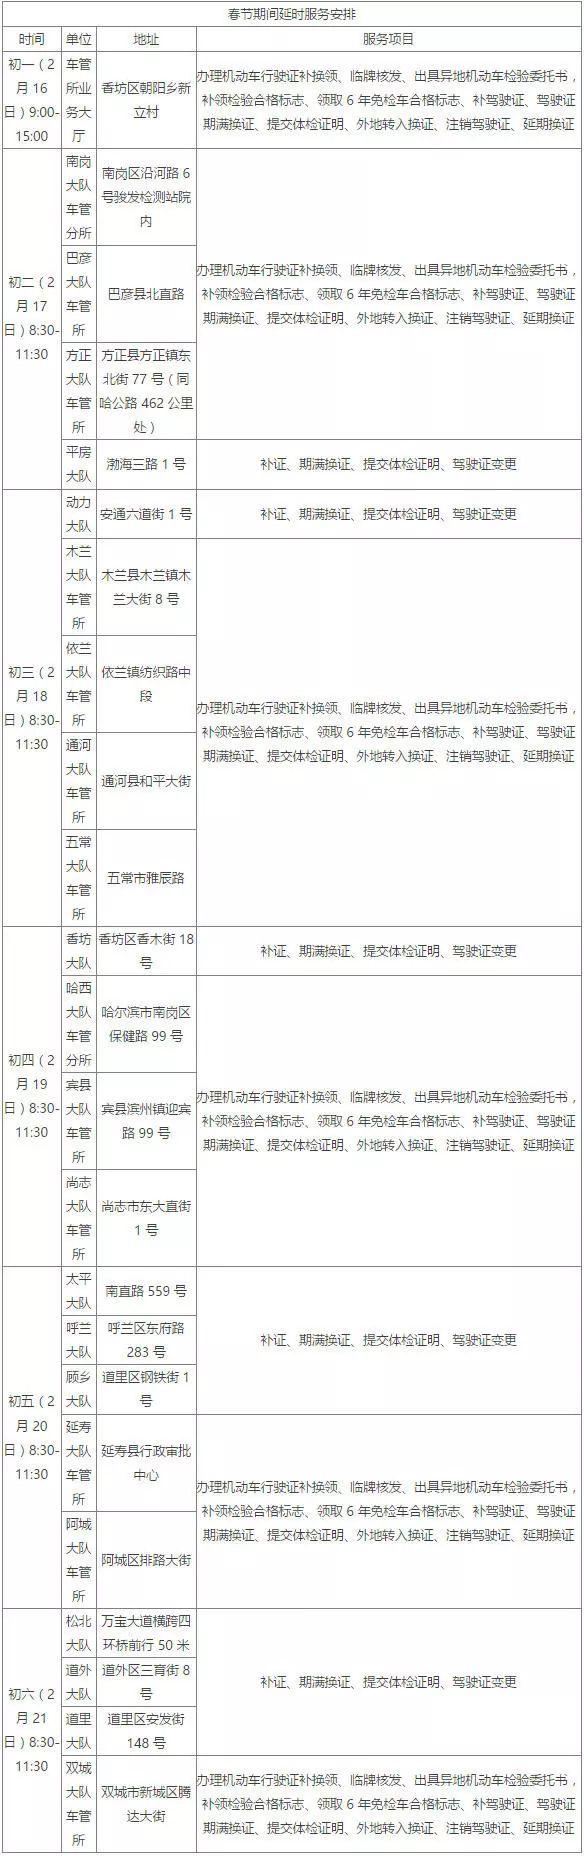 春节期间哈尔滨生计指南!涉及医院银行、水电燃气、驾管户政、免